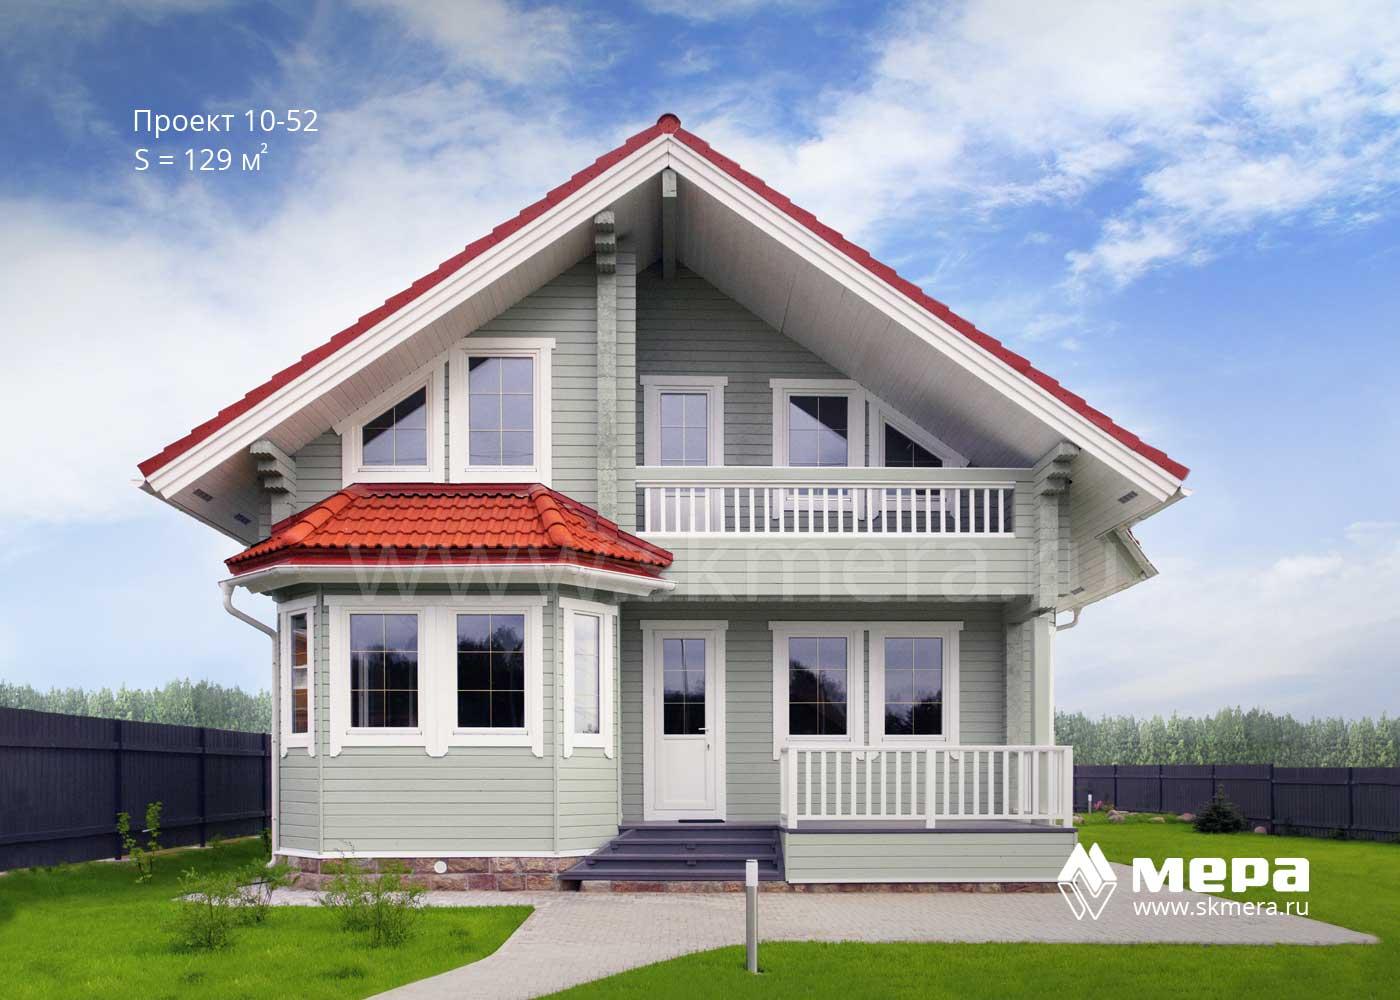 Дом из клееного бруса по проекту 10-52